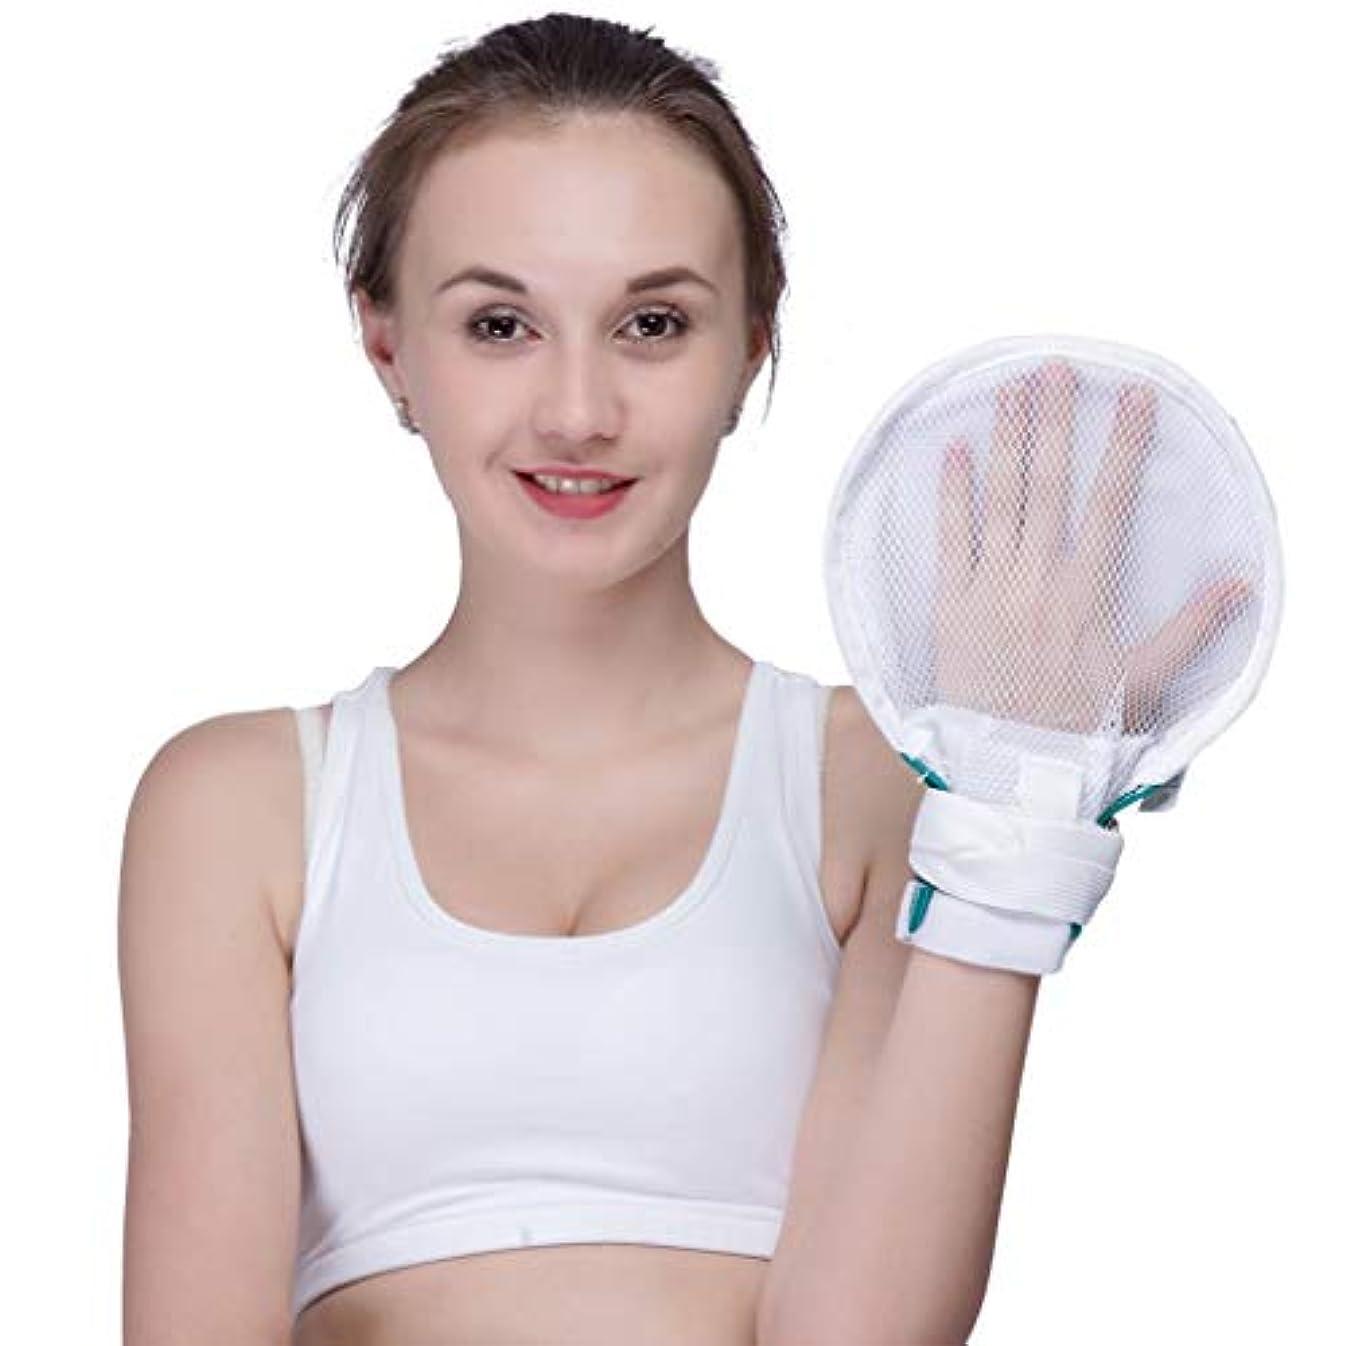 船酔い主婦感謝医療用コントロールミット - 認知症用手袋安全手袋患者用手感染プロテクター自己害を防ぐためのパッド入りミット